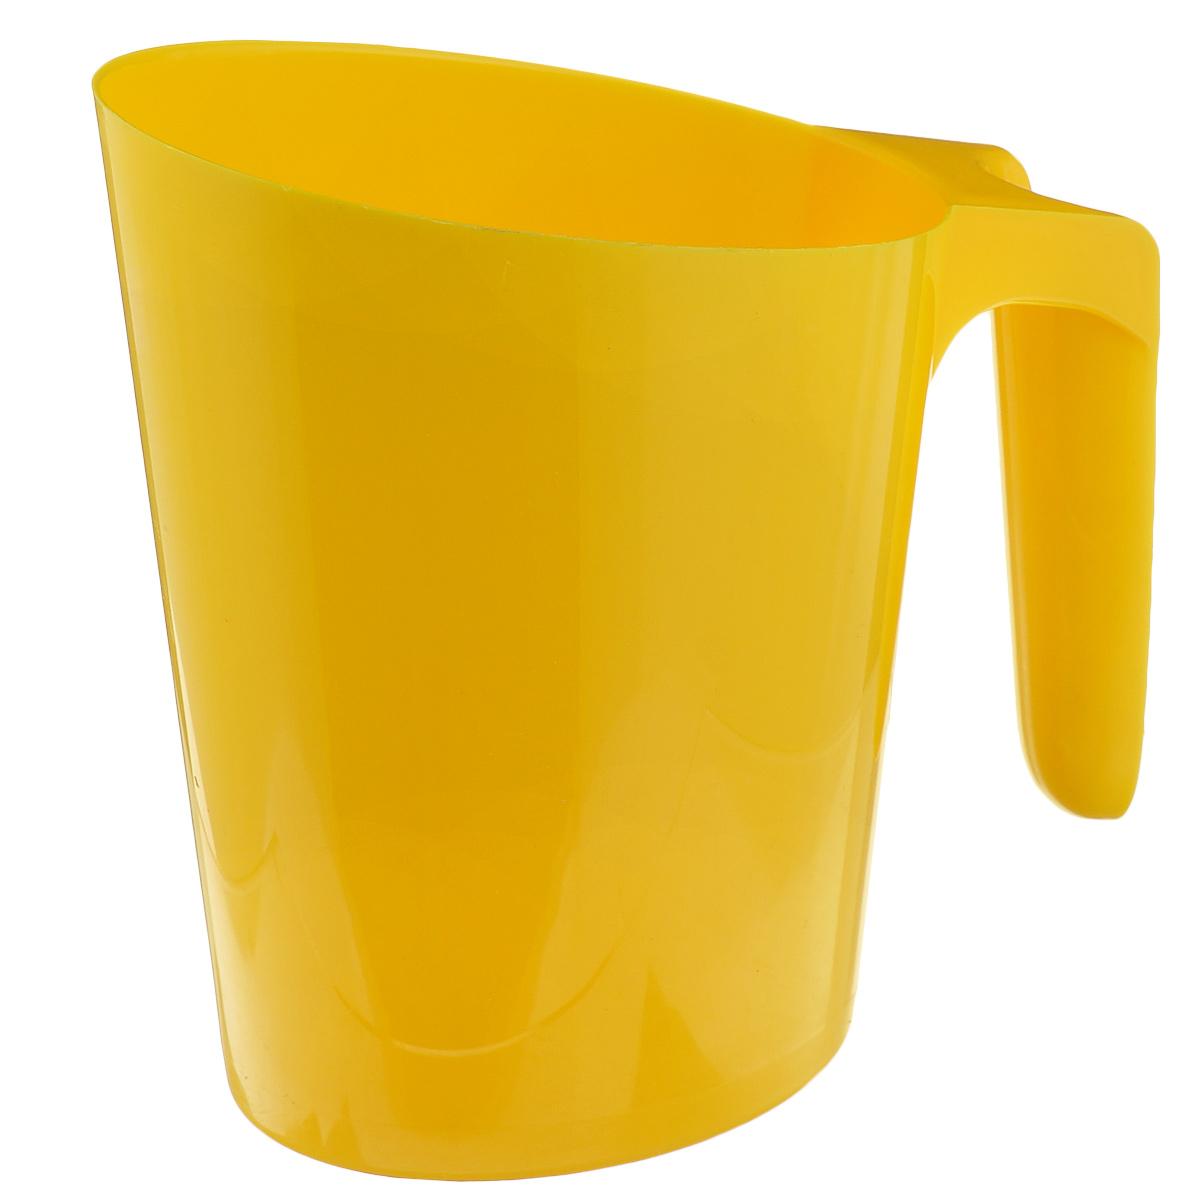 Кувшин для молочного пакета Idea, цвет: желтыйМ 1216Каждый сталкивался с проблемой неустойчивого молочного пакета. Громоздкие кастрюли занимают много места и неопрятно выглядят среди остальных продуктов. Кувшин Idea очень компактный, он позволит спокойно разместить остатки молока на полках или дверце холодильника. Кувшин надежен и устойчив, большое дно и широкая удобная ручка предотвратят опрокидывание. Вы так же сможете использовать его под компот, морс или сок. Кувшин Idea будет вашим надежным помощником в любой ситуации! Размер по верхнему краю: 13,5 см х 9 см.Высота: 17 см.